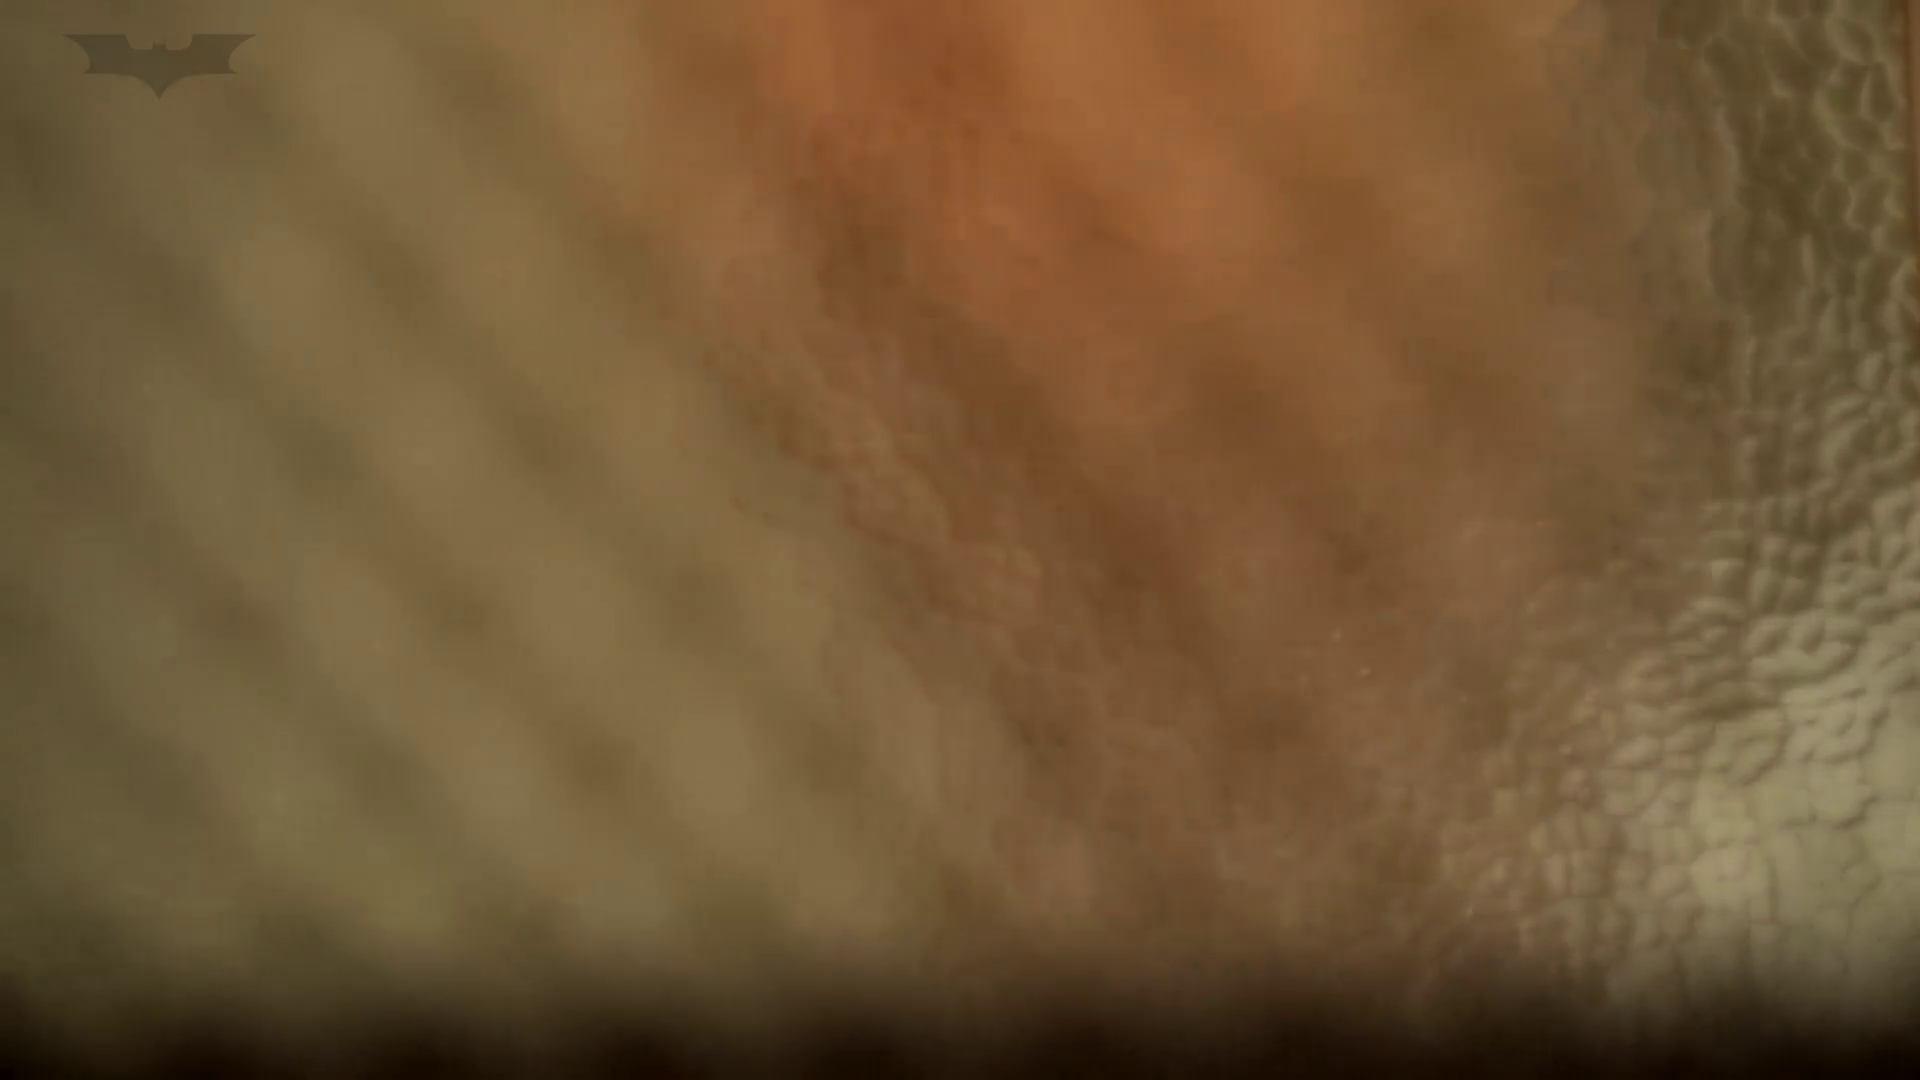 *華の女子寮ノゾキ* vol.02 Eカップがぷるぷる揺れるコ OL女体 | 女子寮  95連発 19